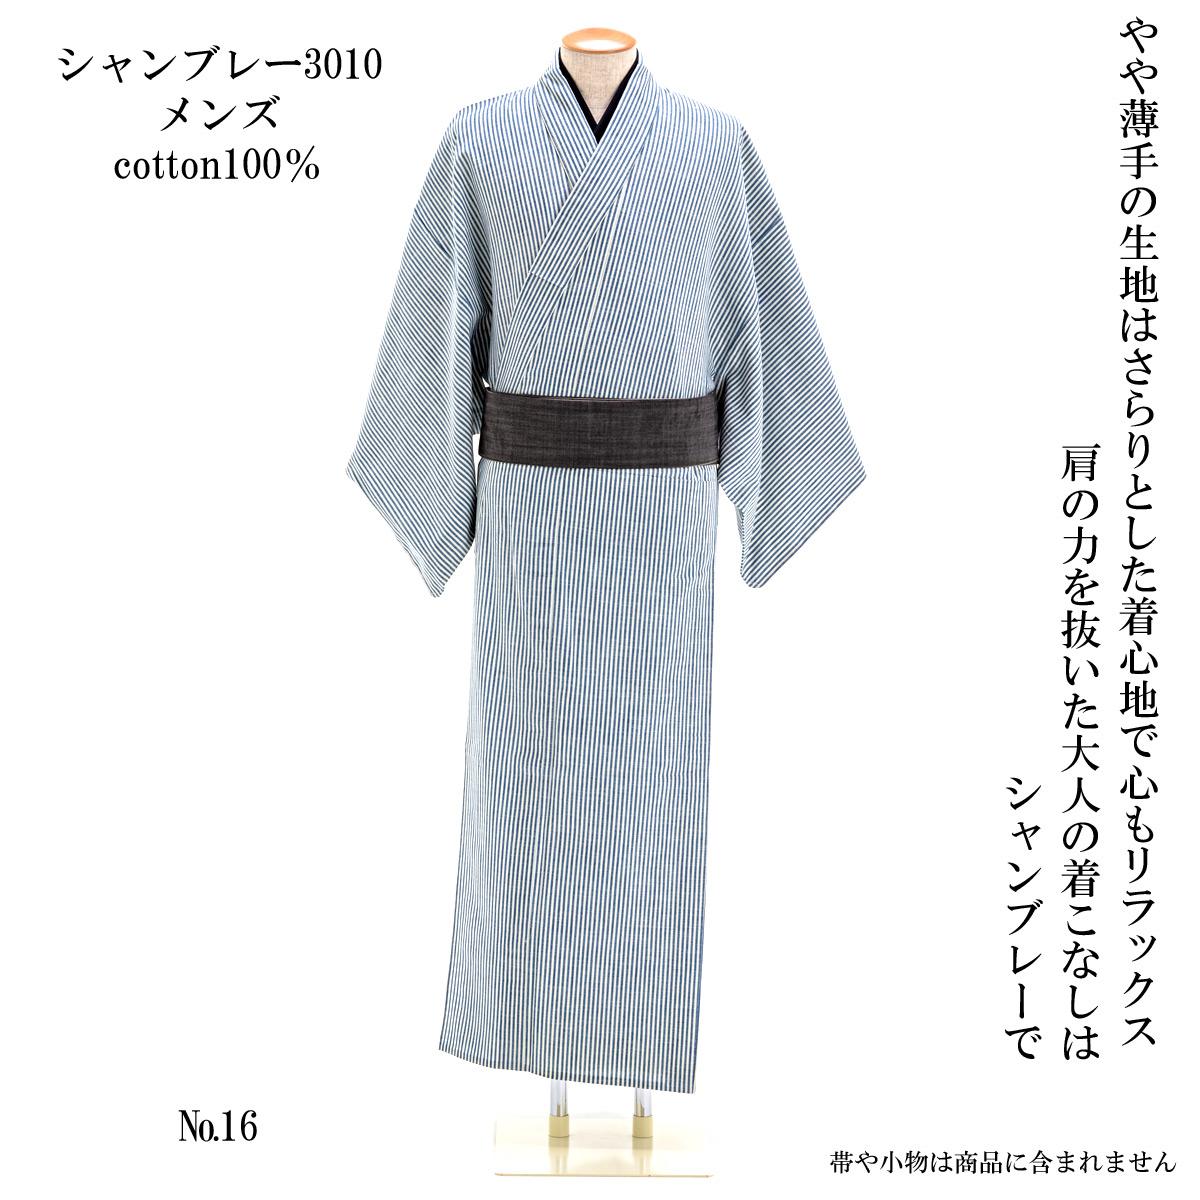 デニム着物 メンズ シャンブレー No.16 ブルー/縞 坂本デニム 綿100%